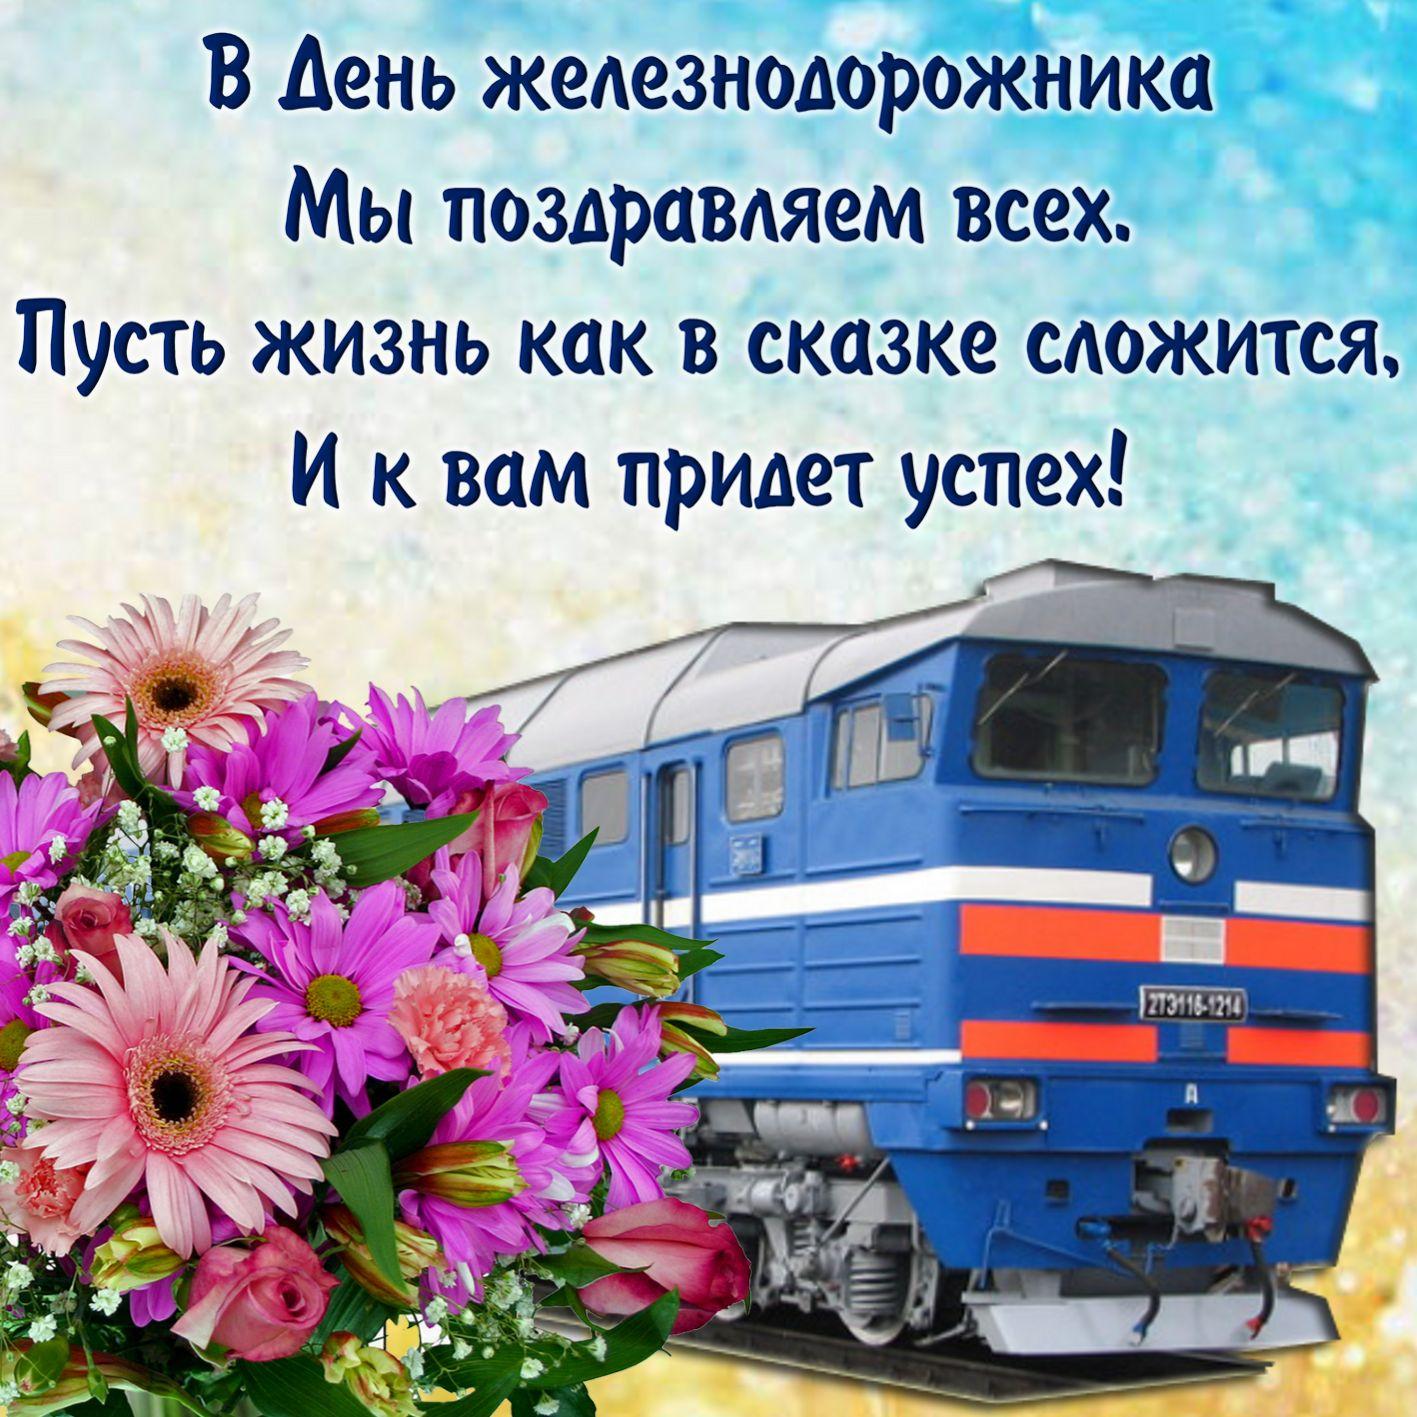 Надписью моя, открытки с поздравлением работников железной дороги